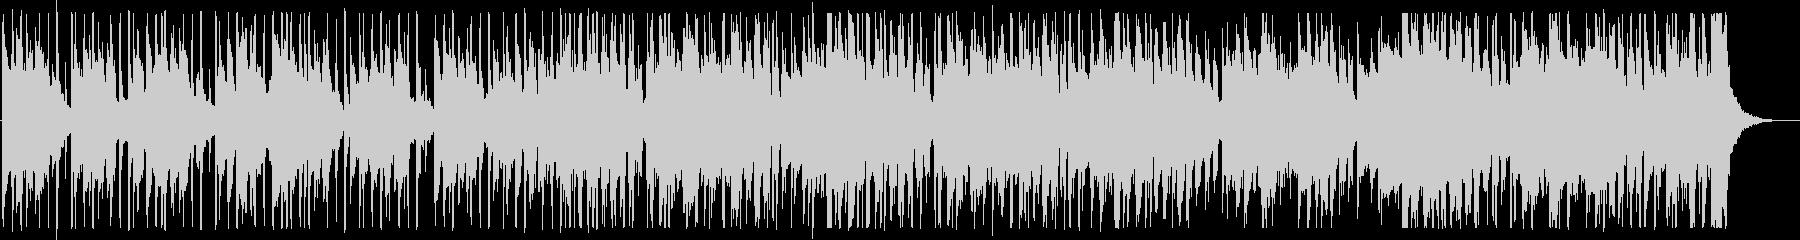 涼しげな夏のカフェBGM_No584_4の未再生の波形